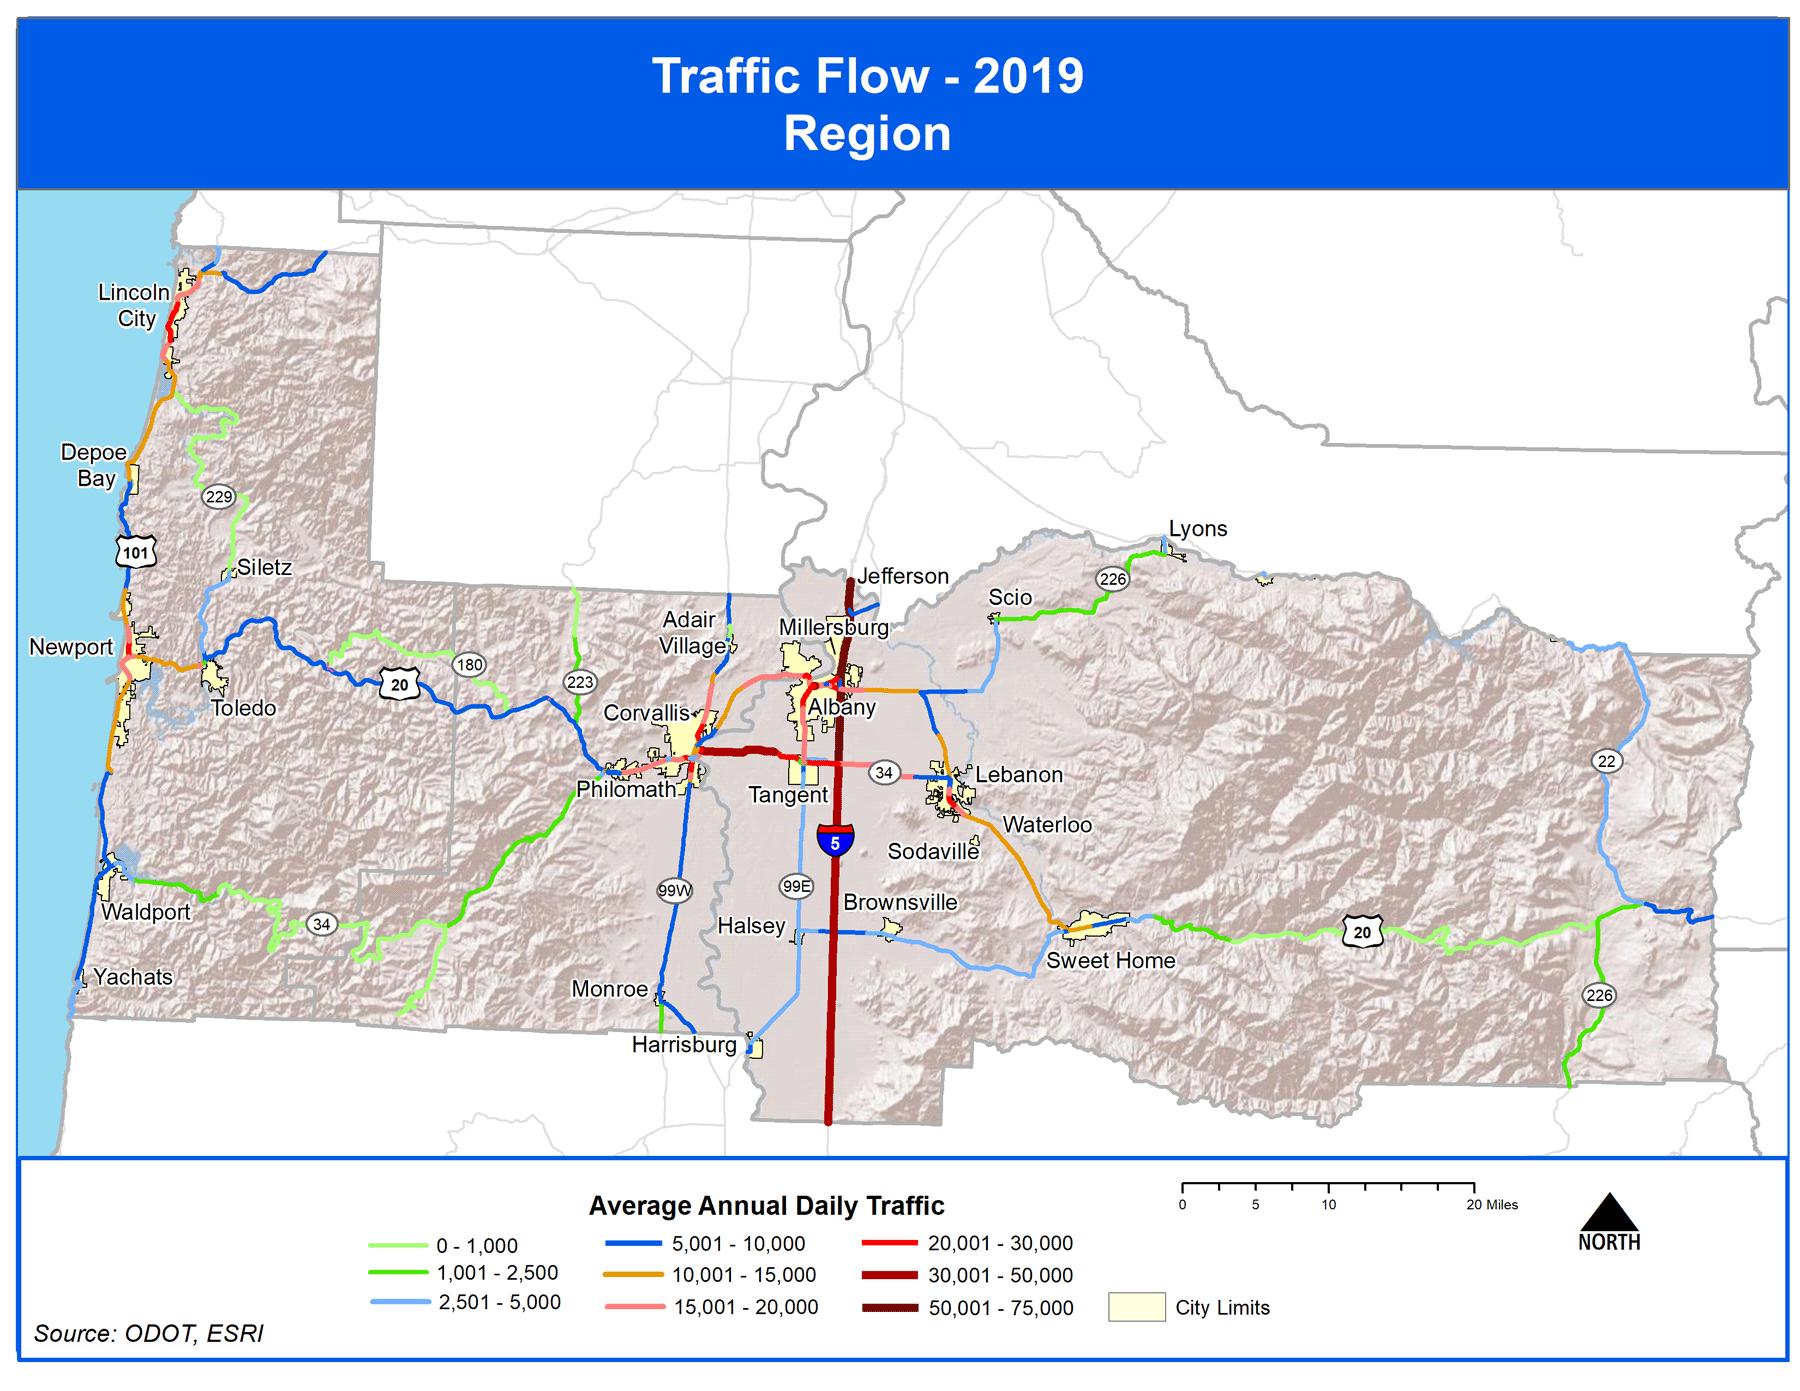 Traffic Flow in the Region, 2019